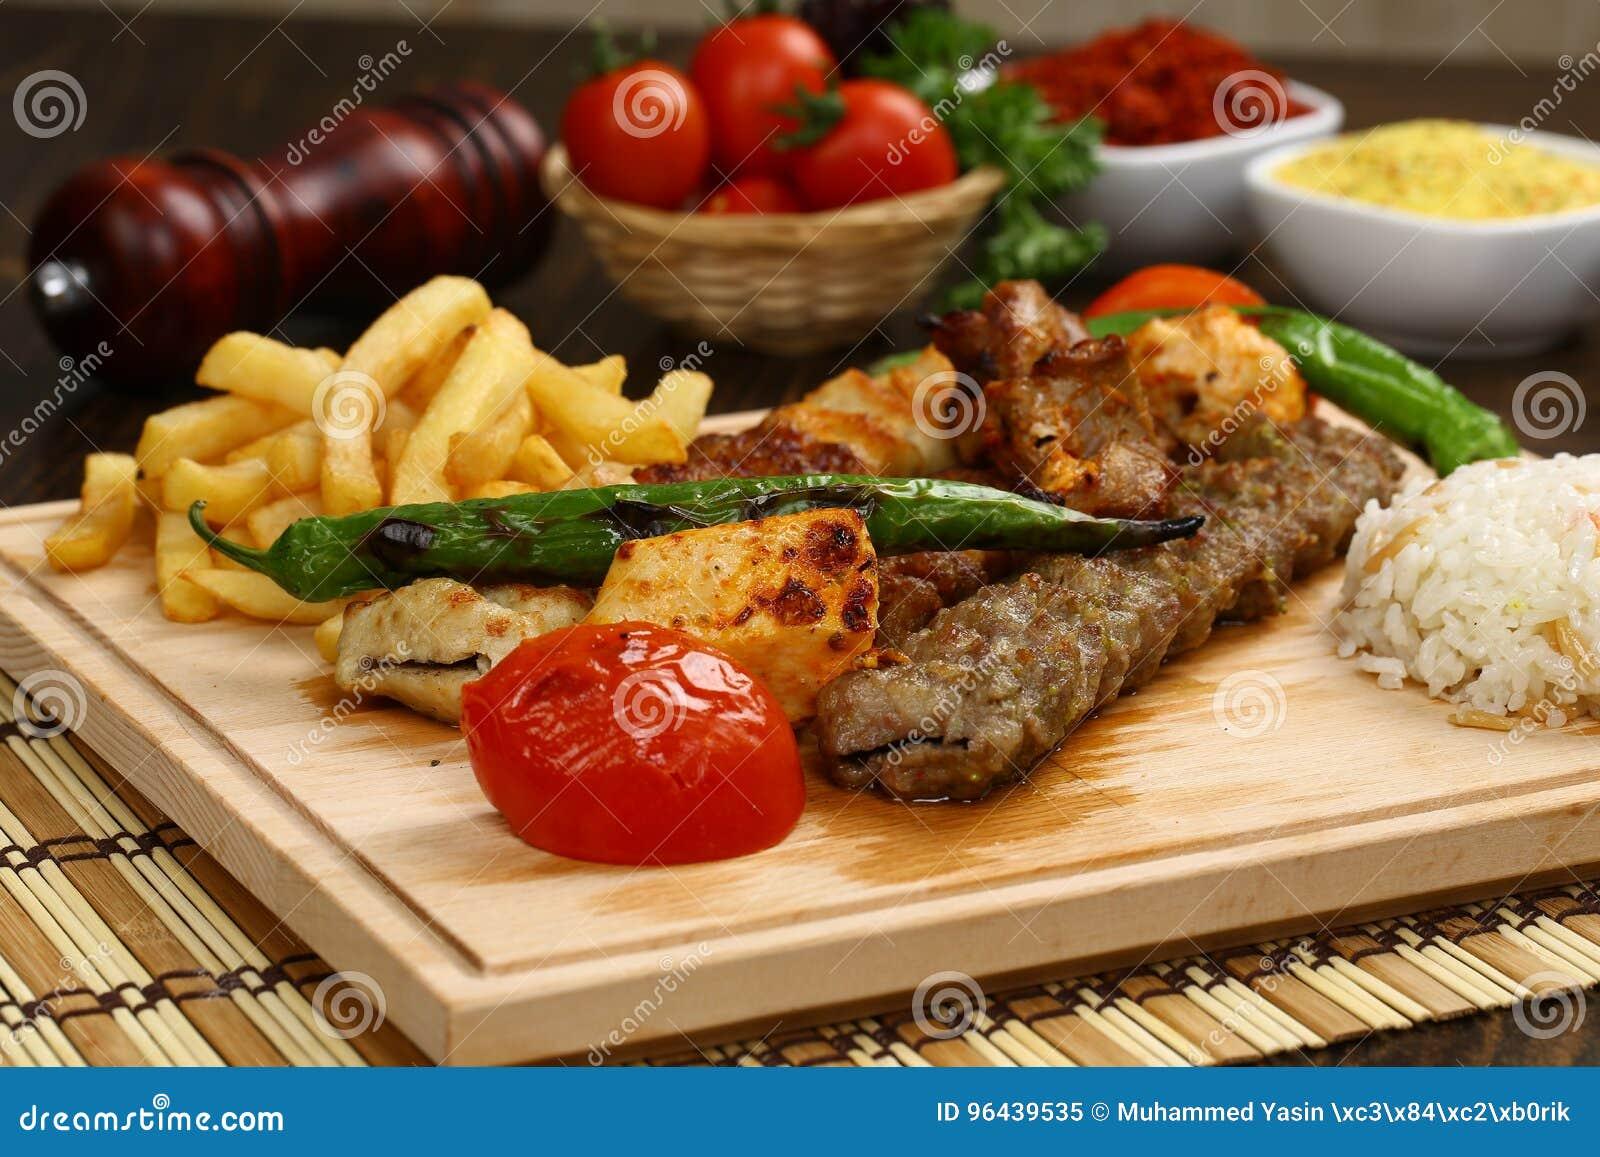 Blandad turkisk kebab på steknålar